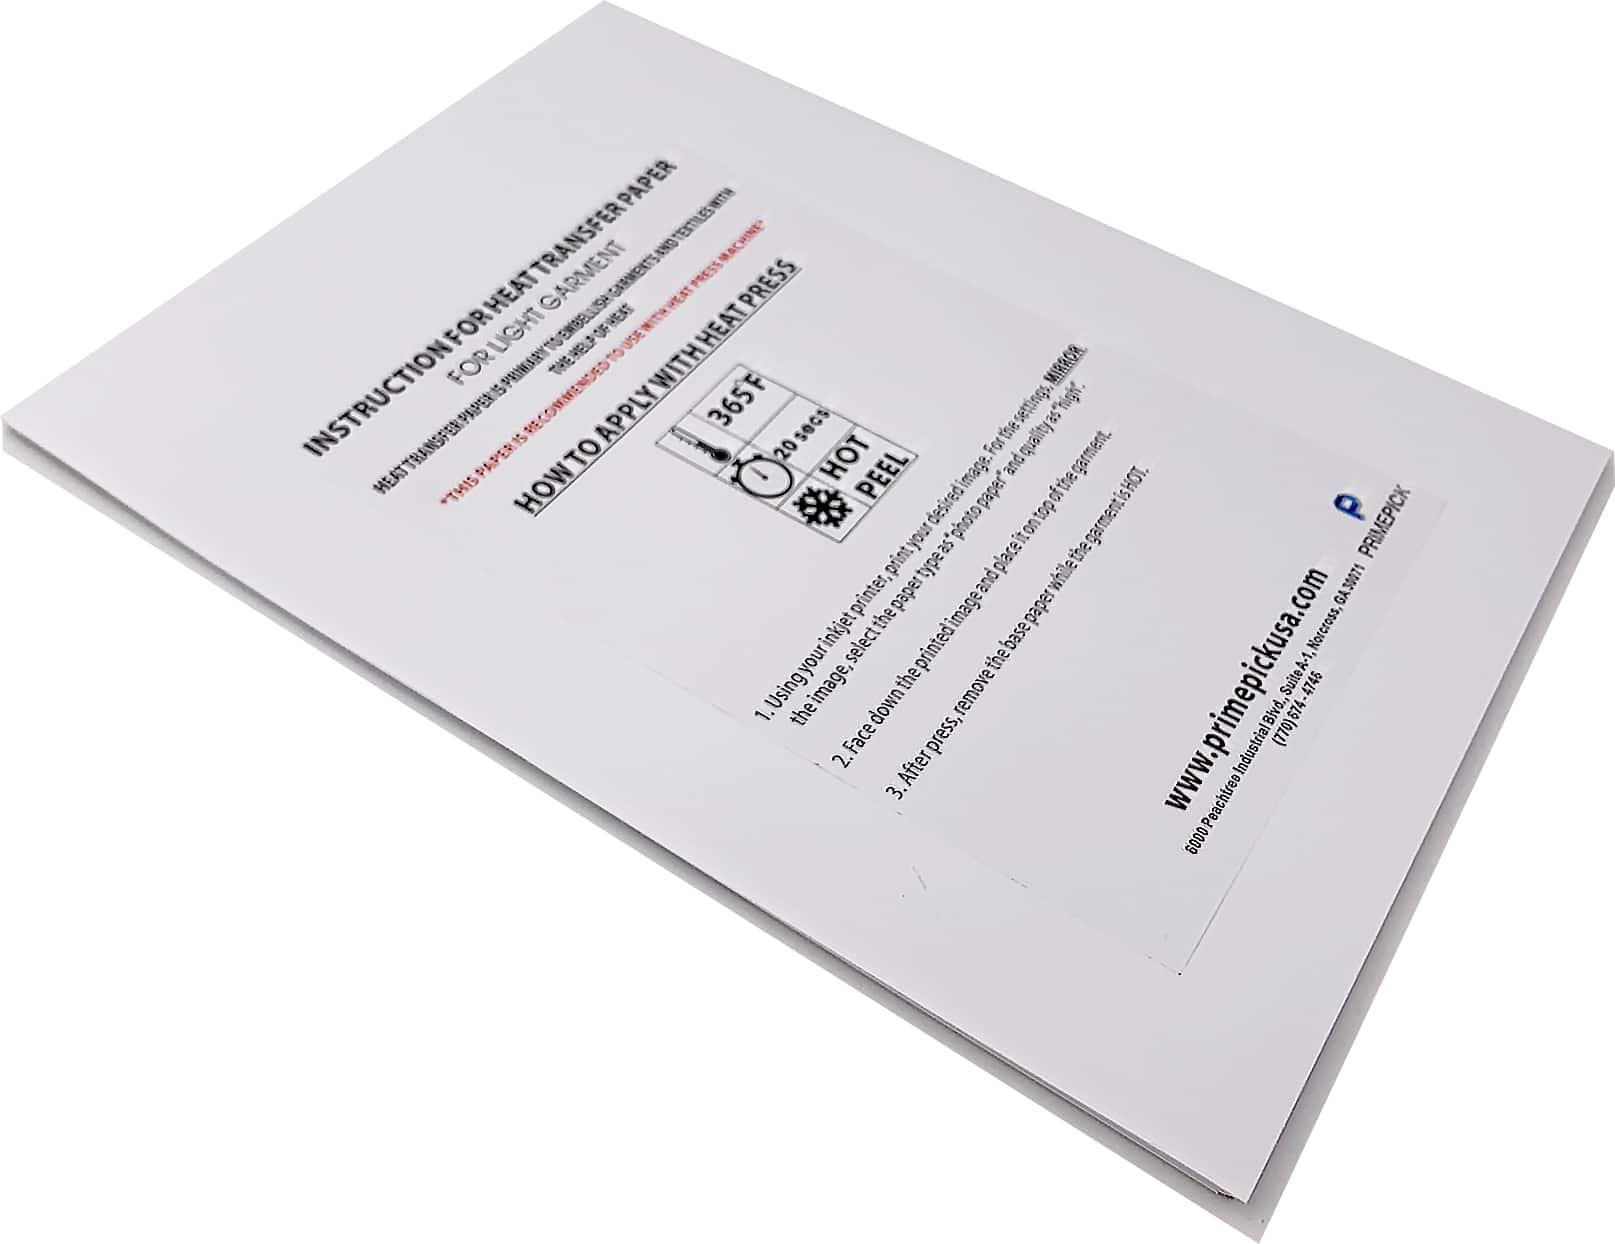 Inkjet Transfer Paper for light Garment